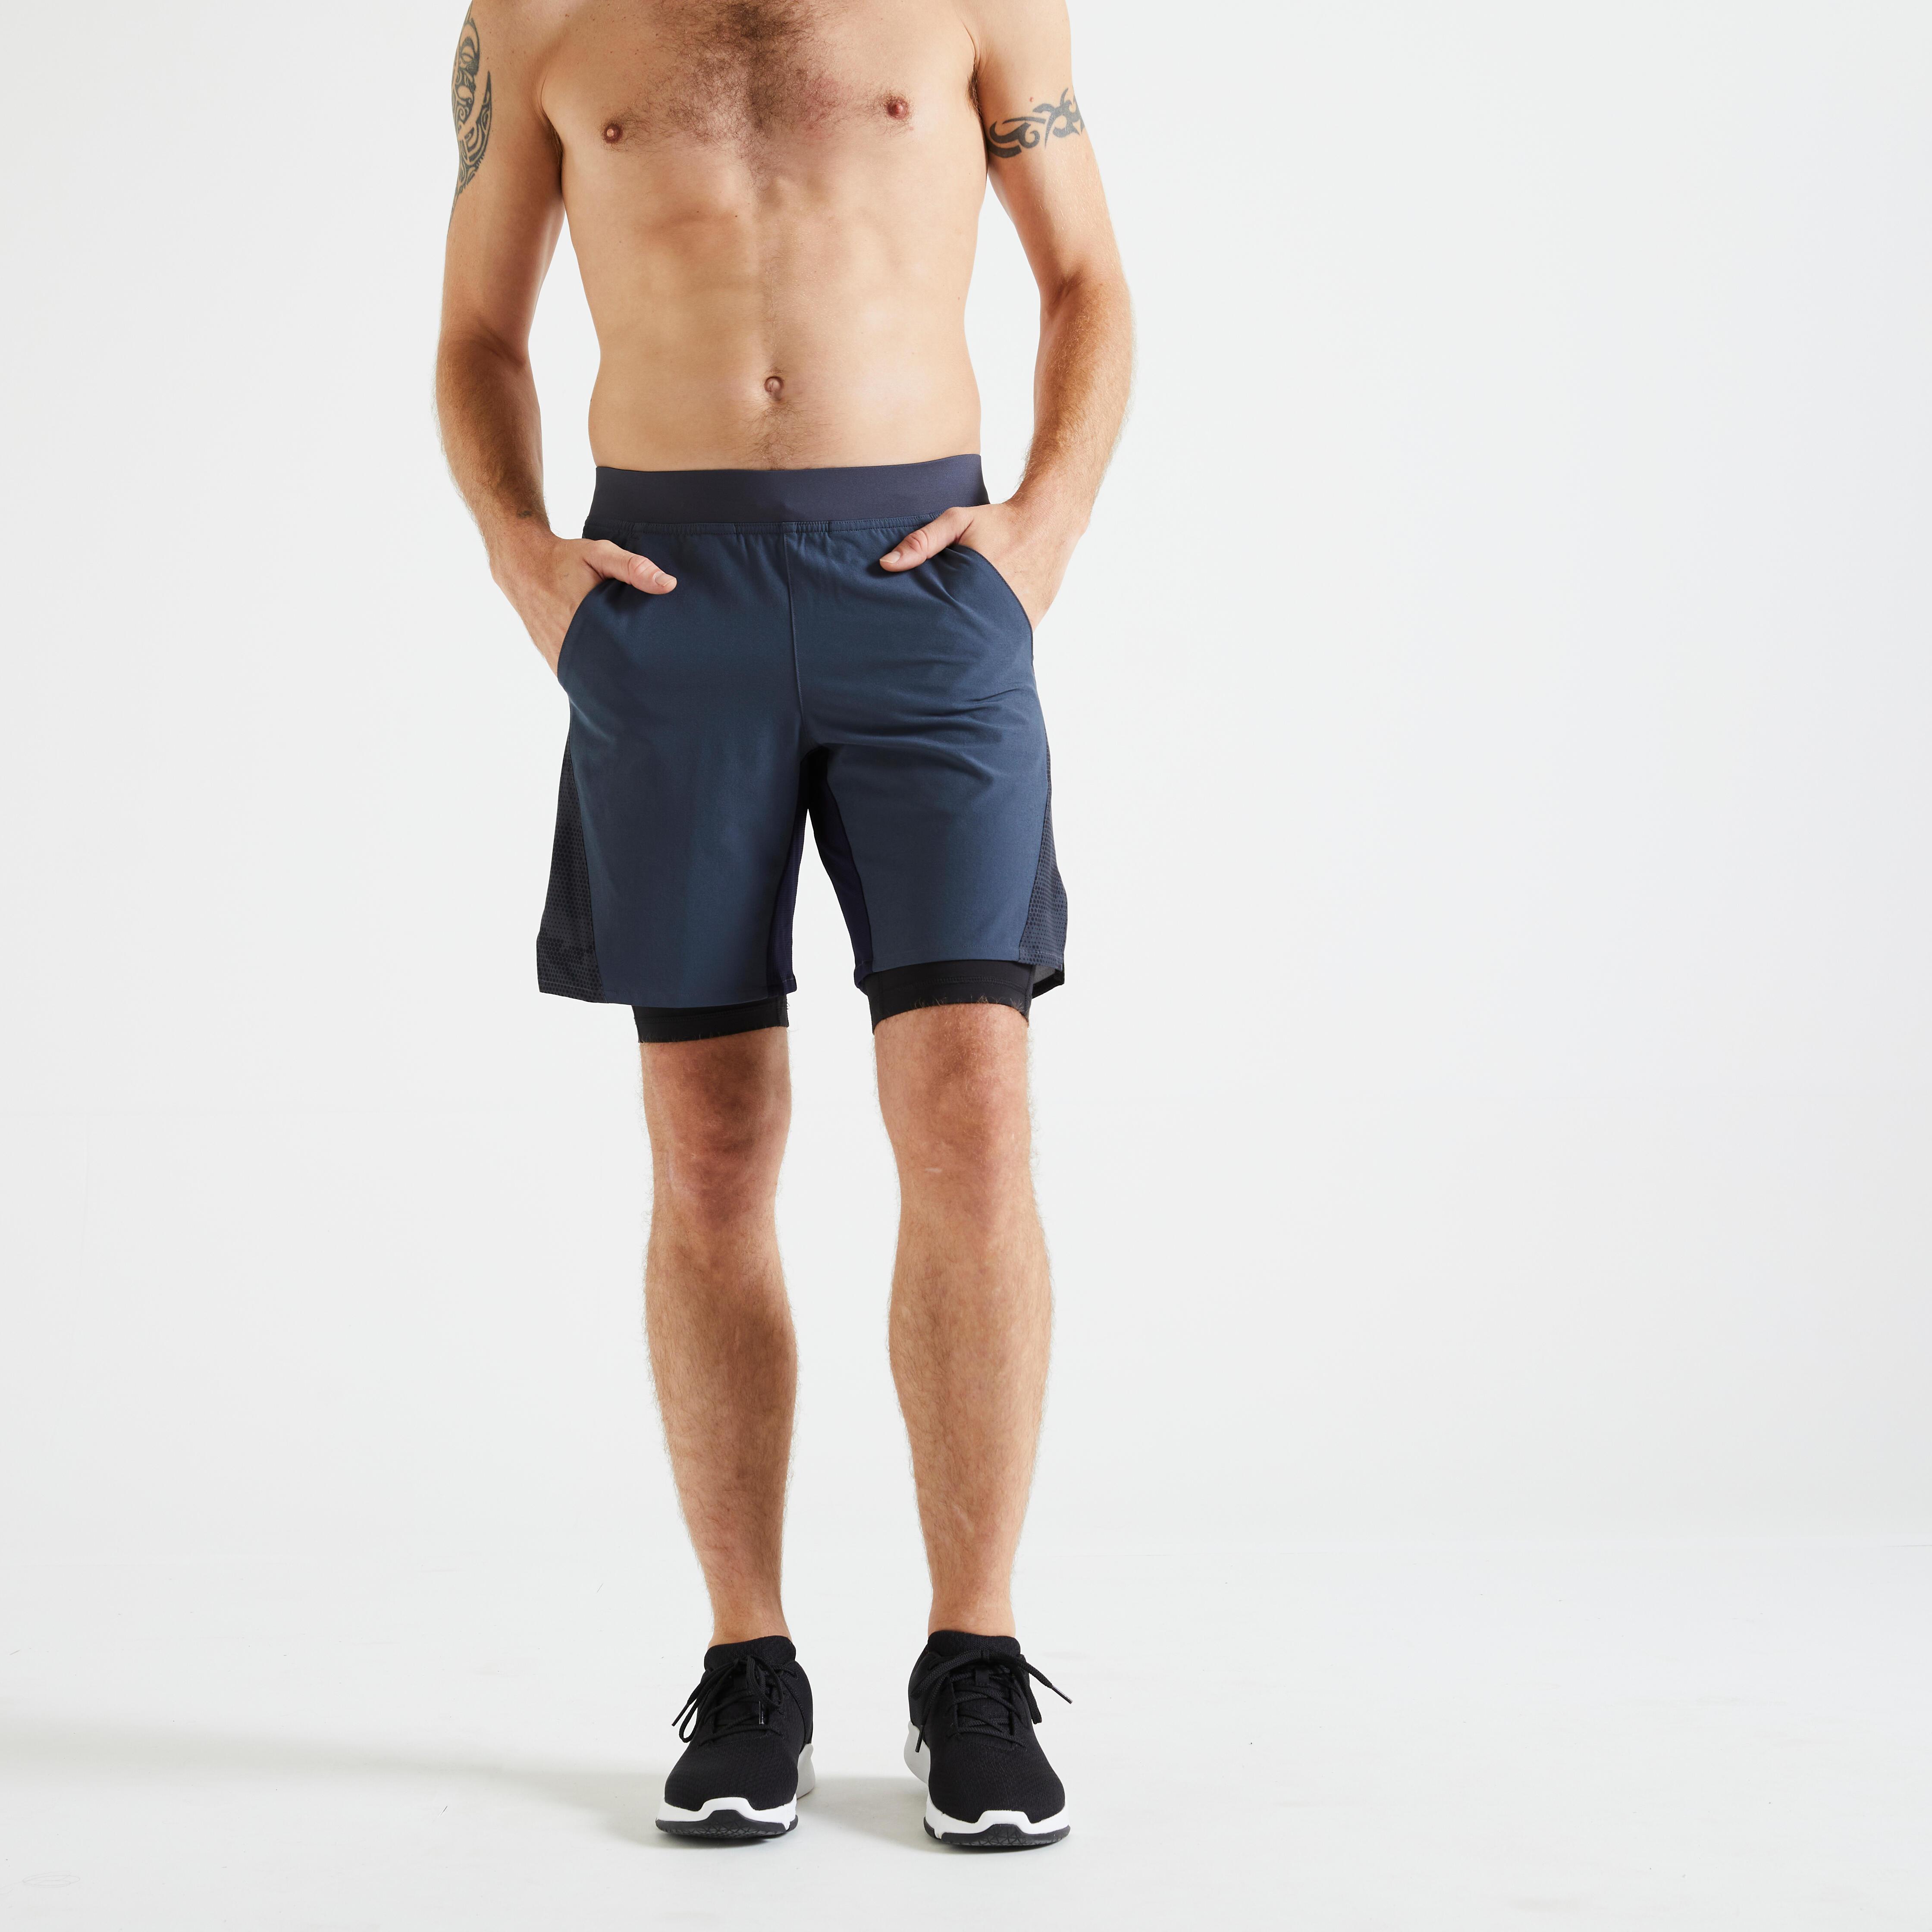 Şort fitness 500 2 în 1 imagine